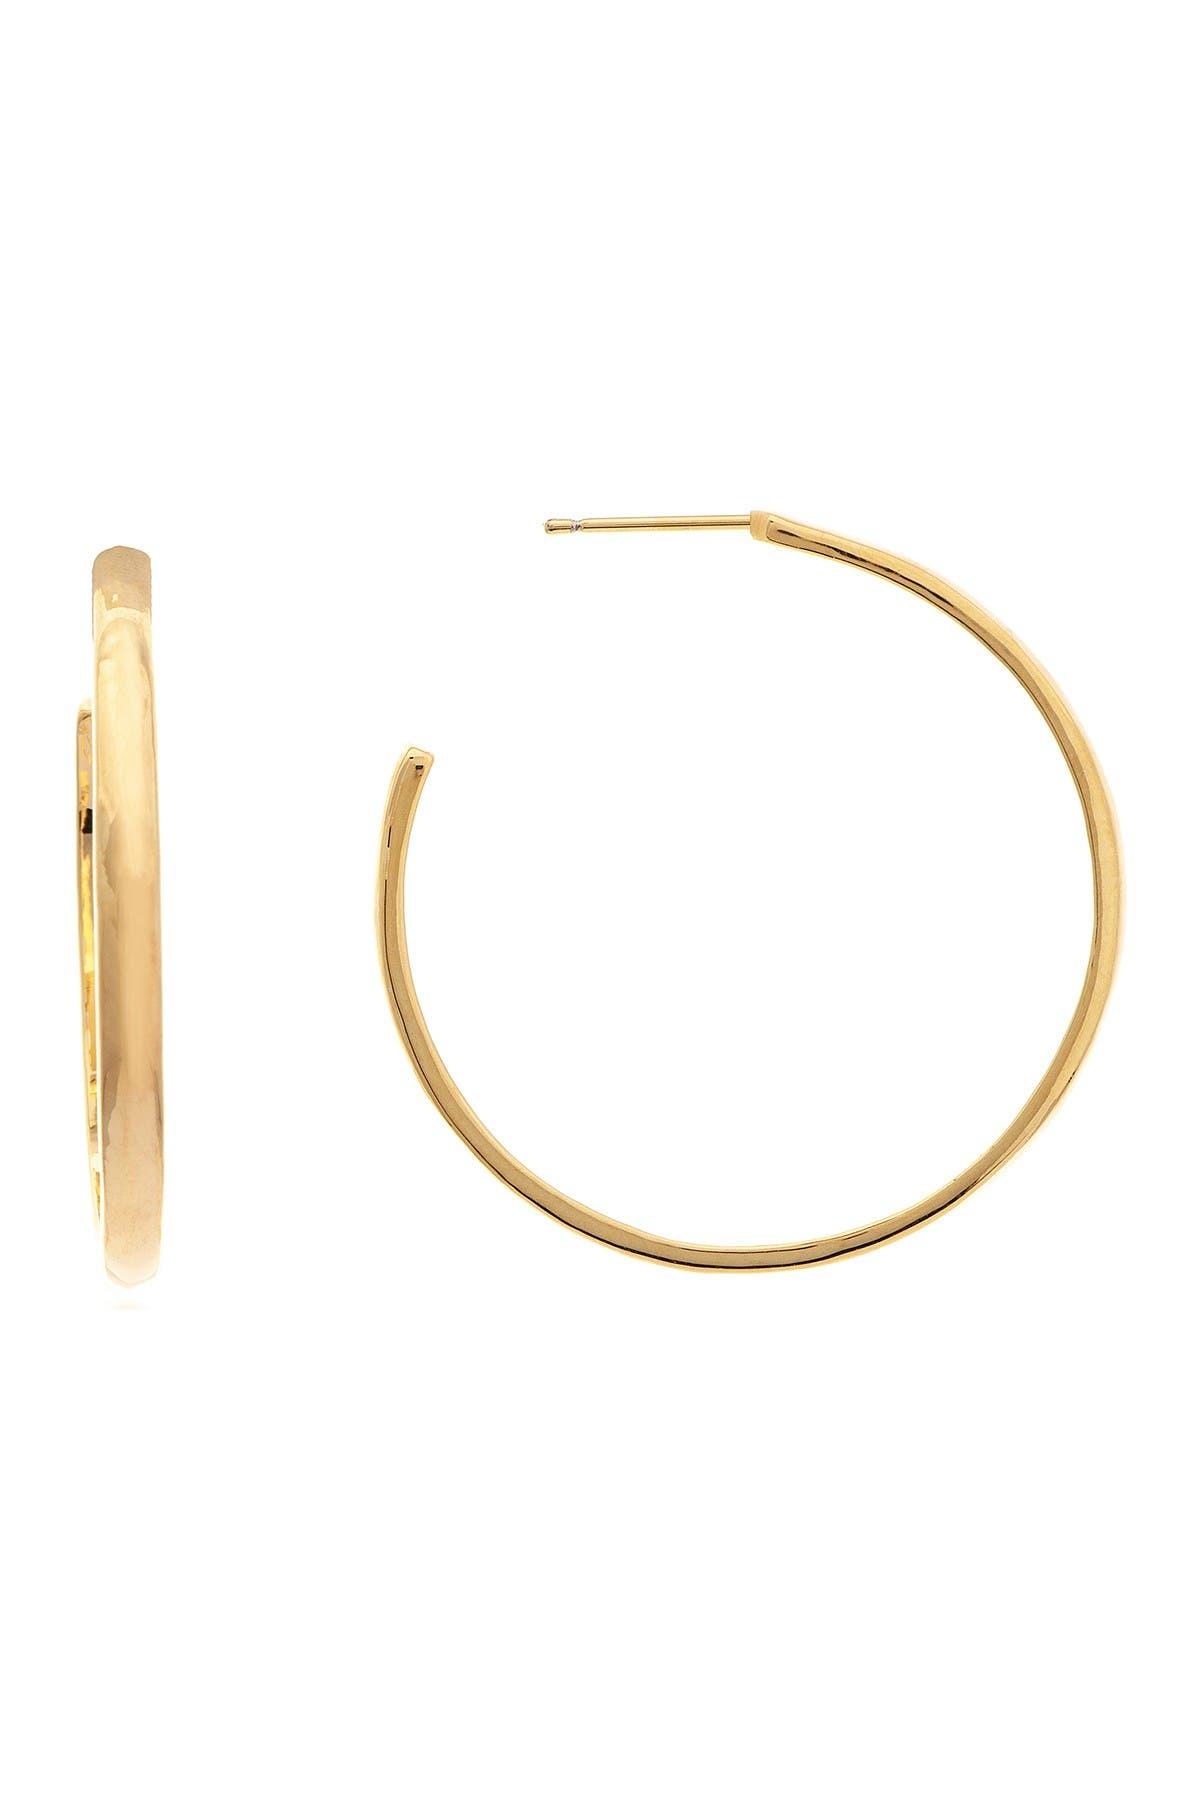 Image of Rivka Friedman 18K Gold Clad Hoop Earrings